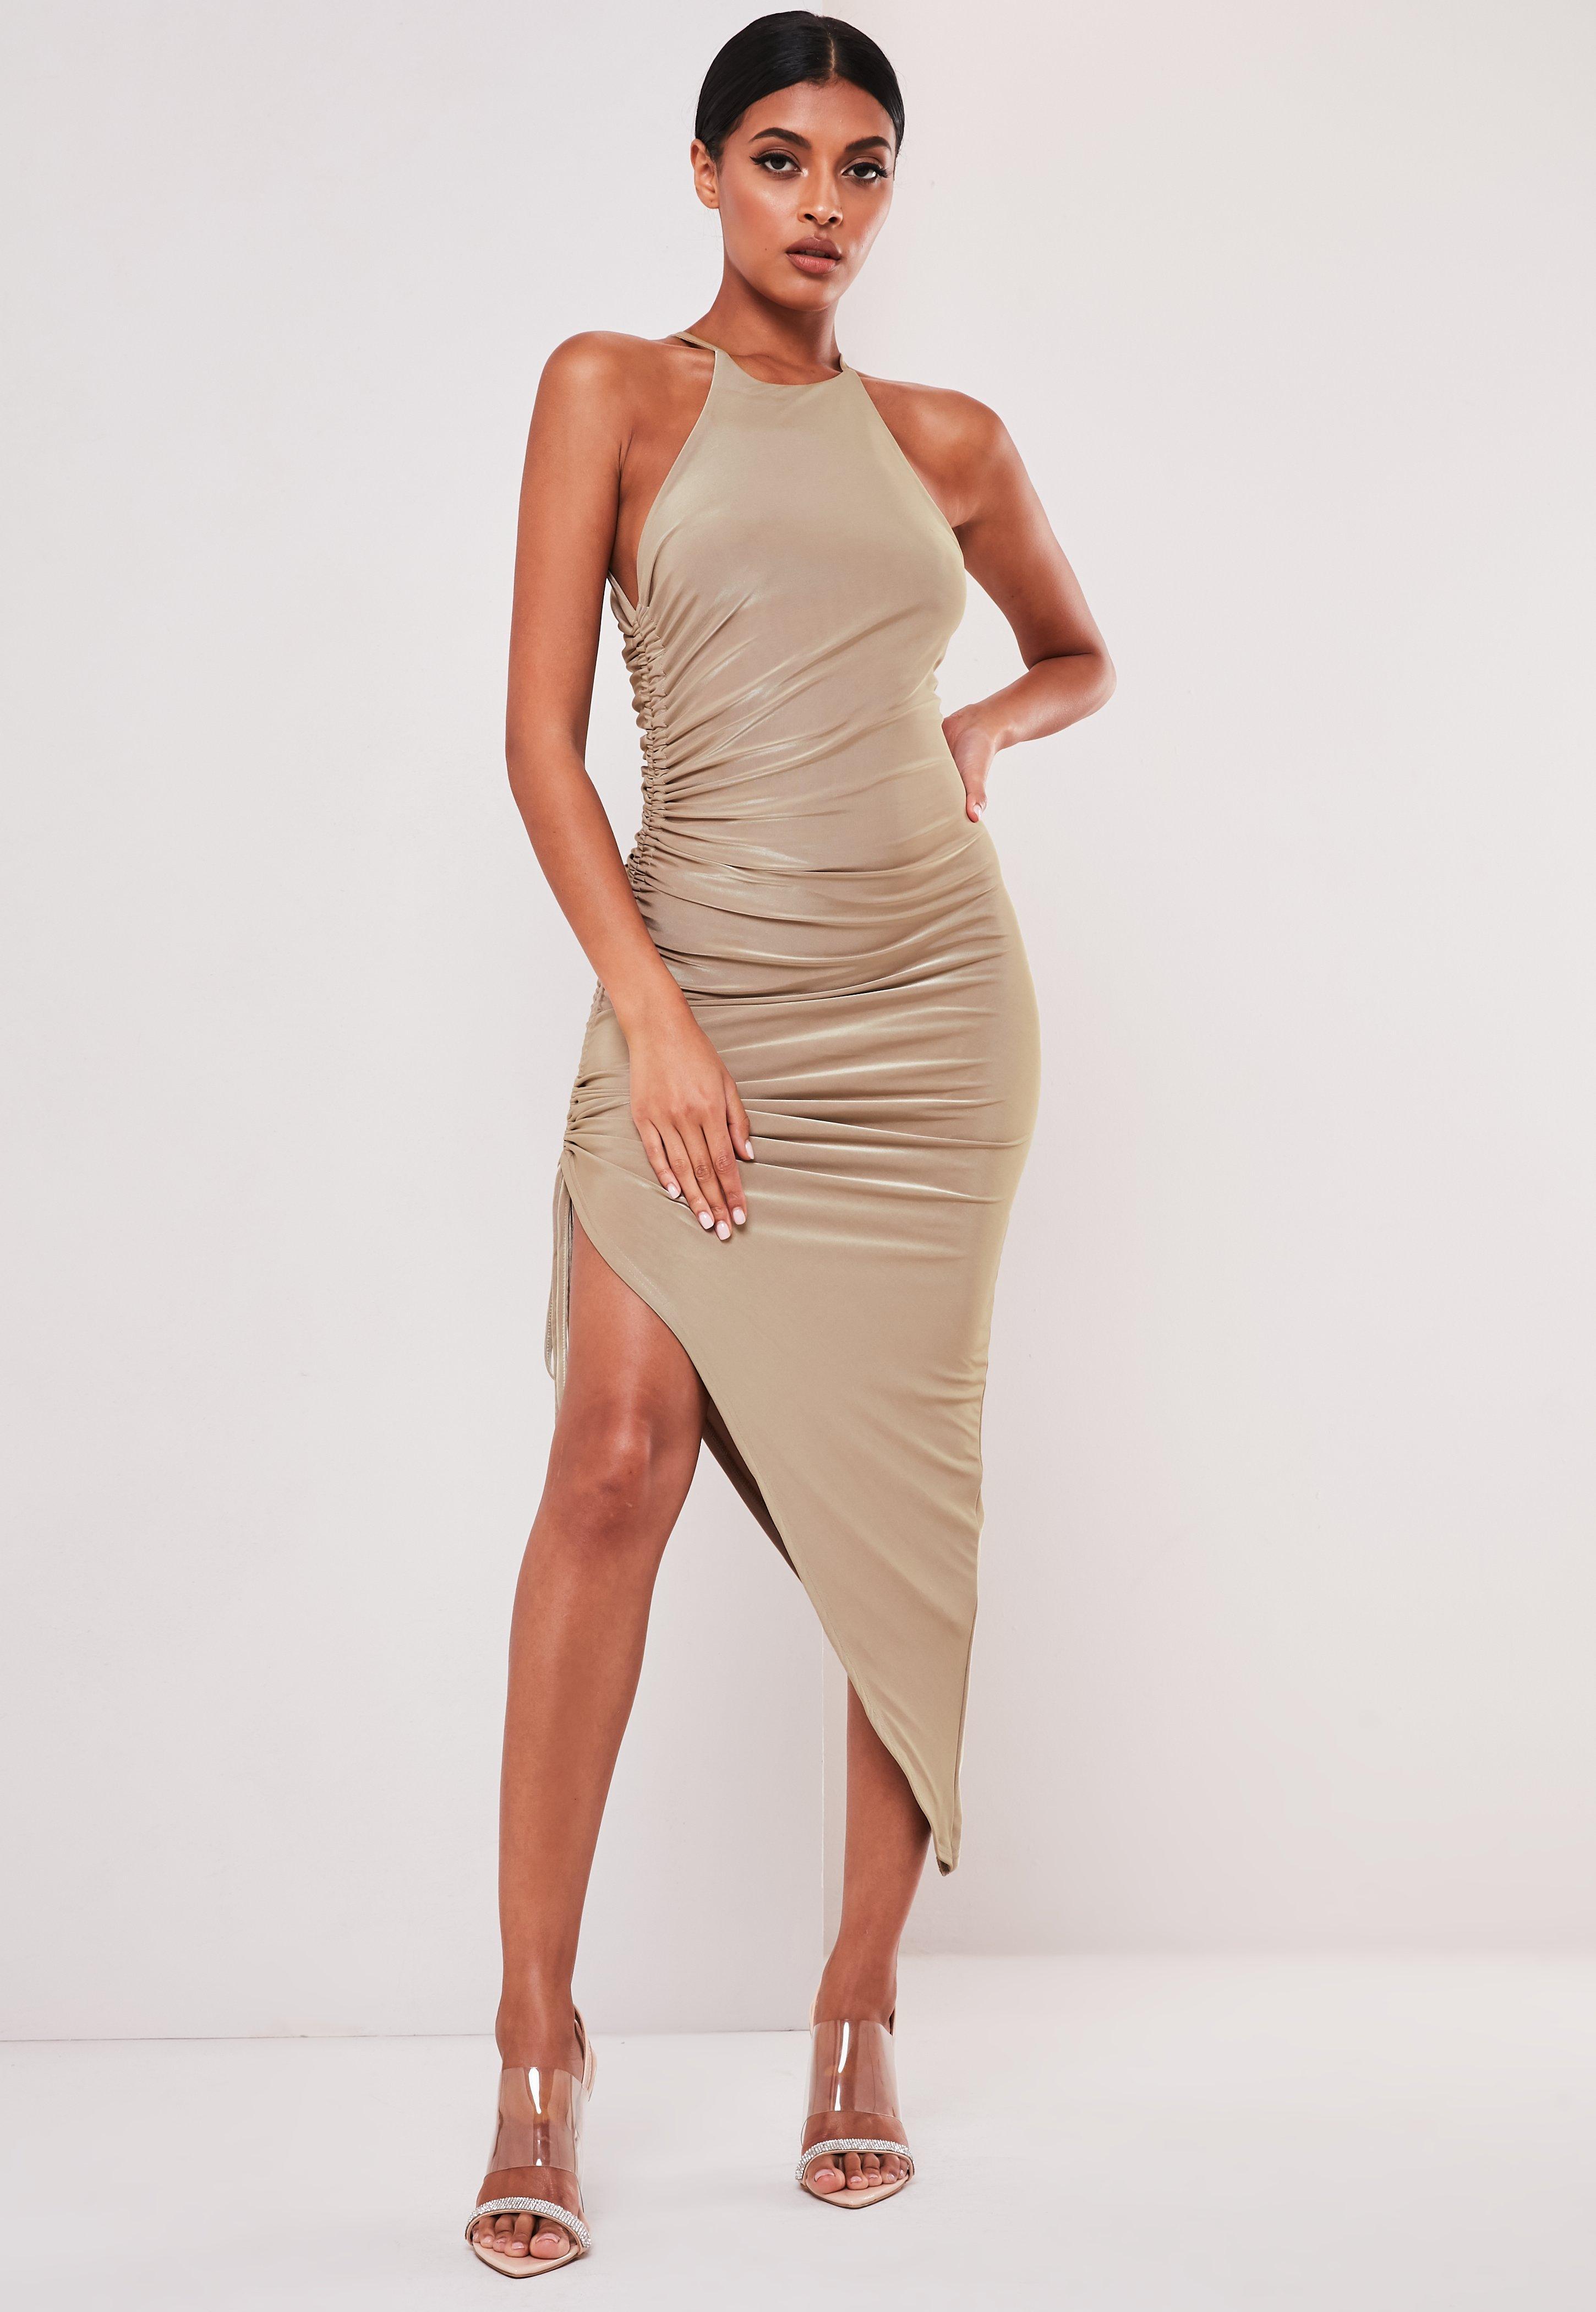 New York meilleur fournisseur professionnel de la vente à chaud Sofia Richie x Missguided Robe mi-longue taupe asymétrique